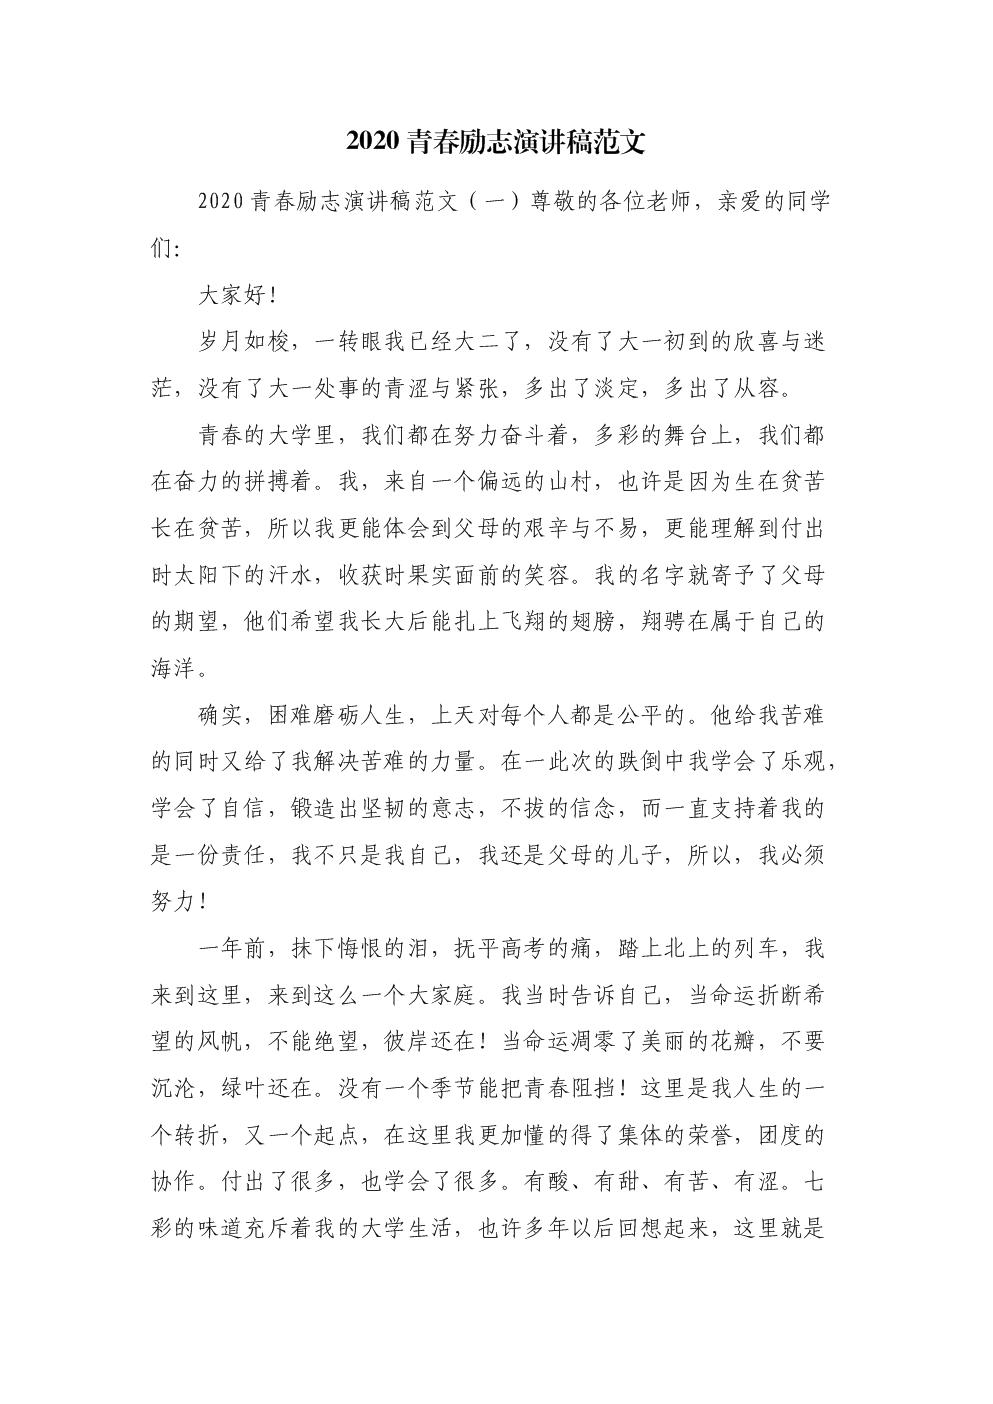 (精选)2020青春励志演讲稿范文.doc